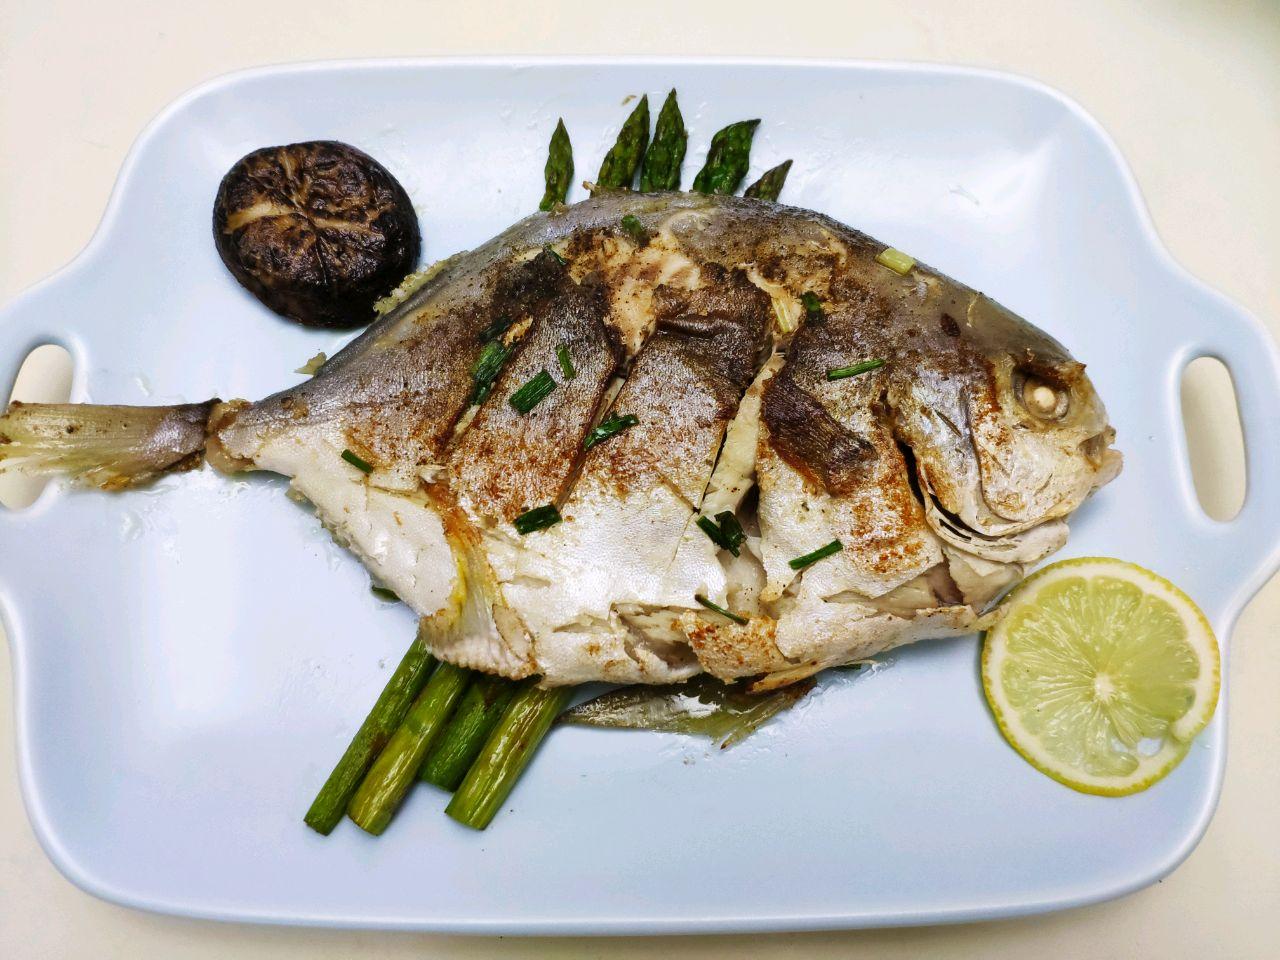 鲳鱼煎金做法的窍门_菜谱_豆果茄子家常菜美食酱做法的芦笋图片